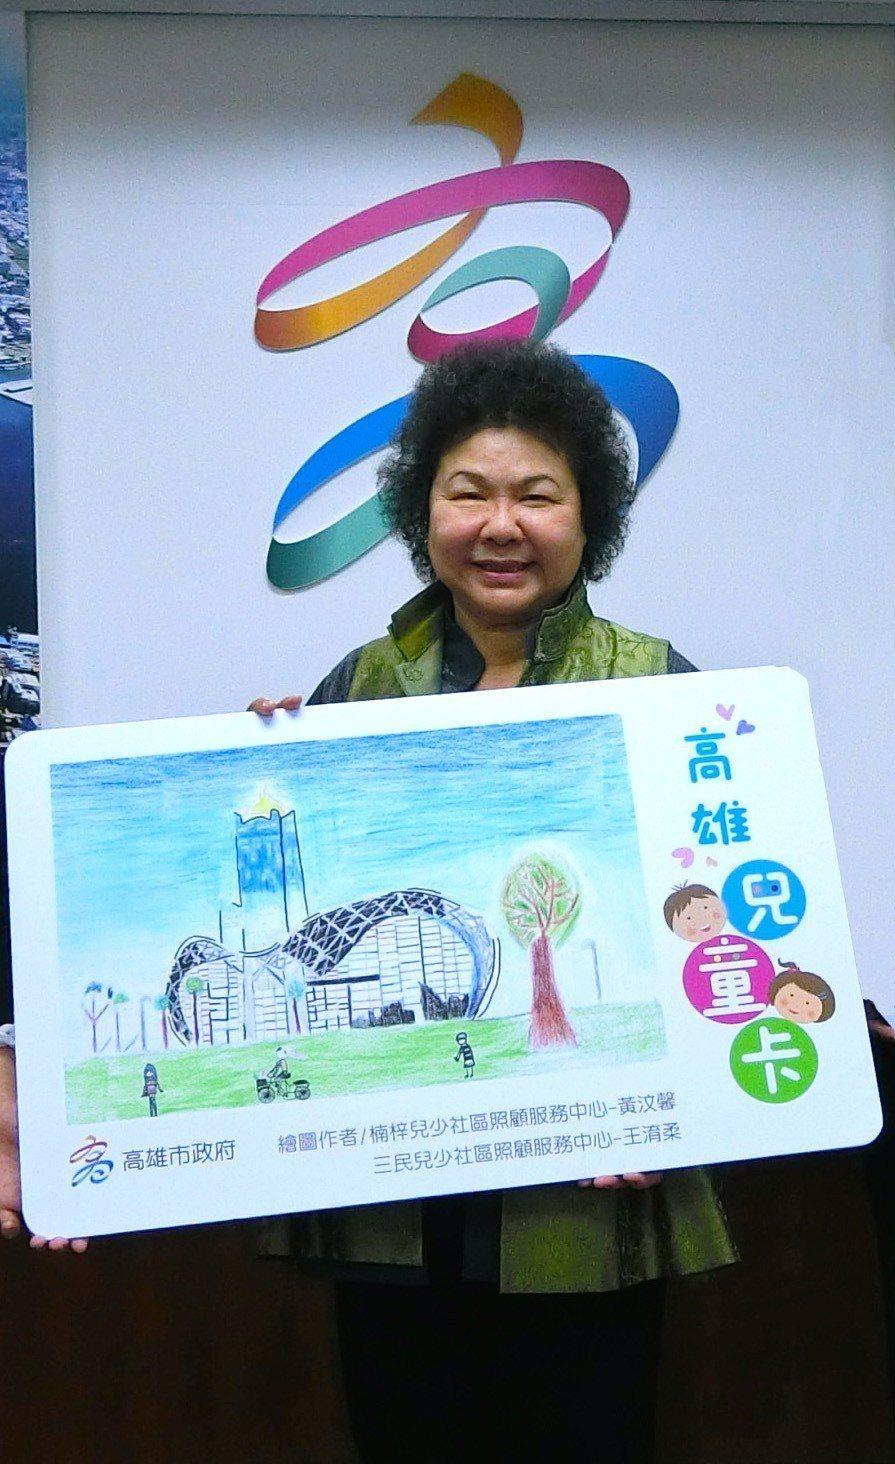 高雄市長陳菊鼓勵家長為兒童申請「兒童卡」後,多規畫搭大眾運輸親子出遊,增進親子互...